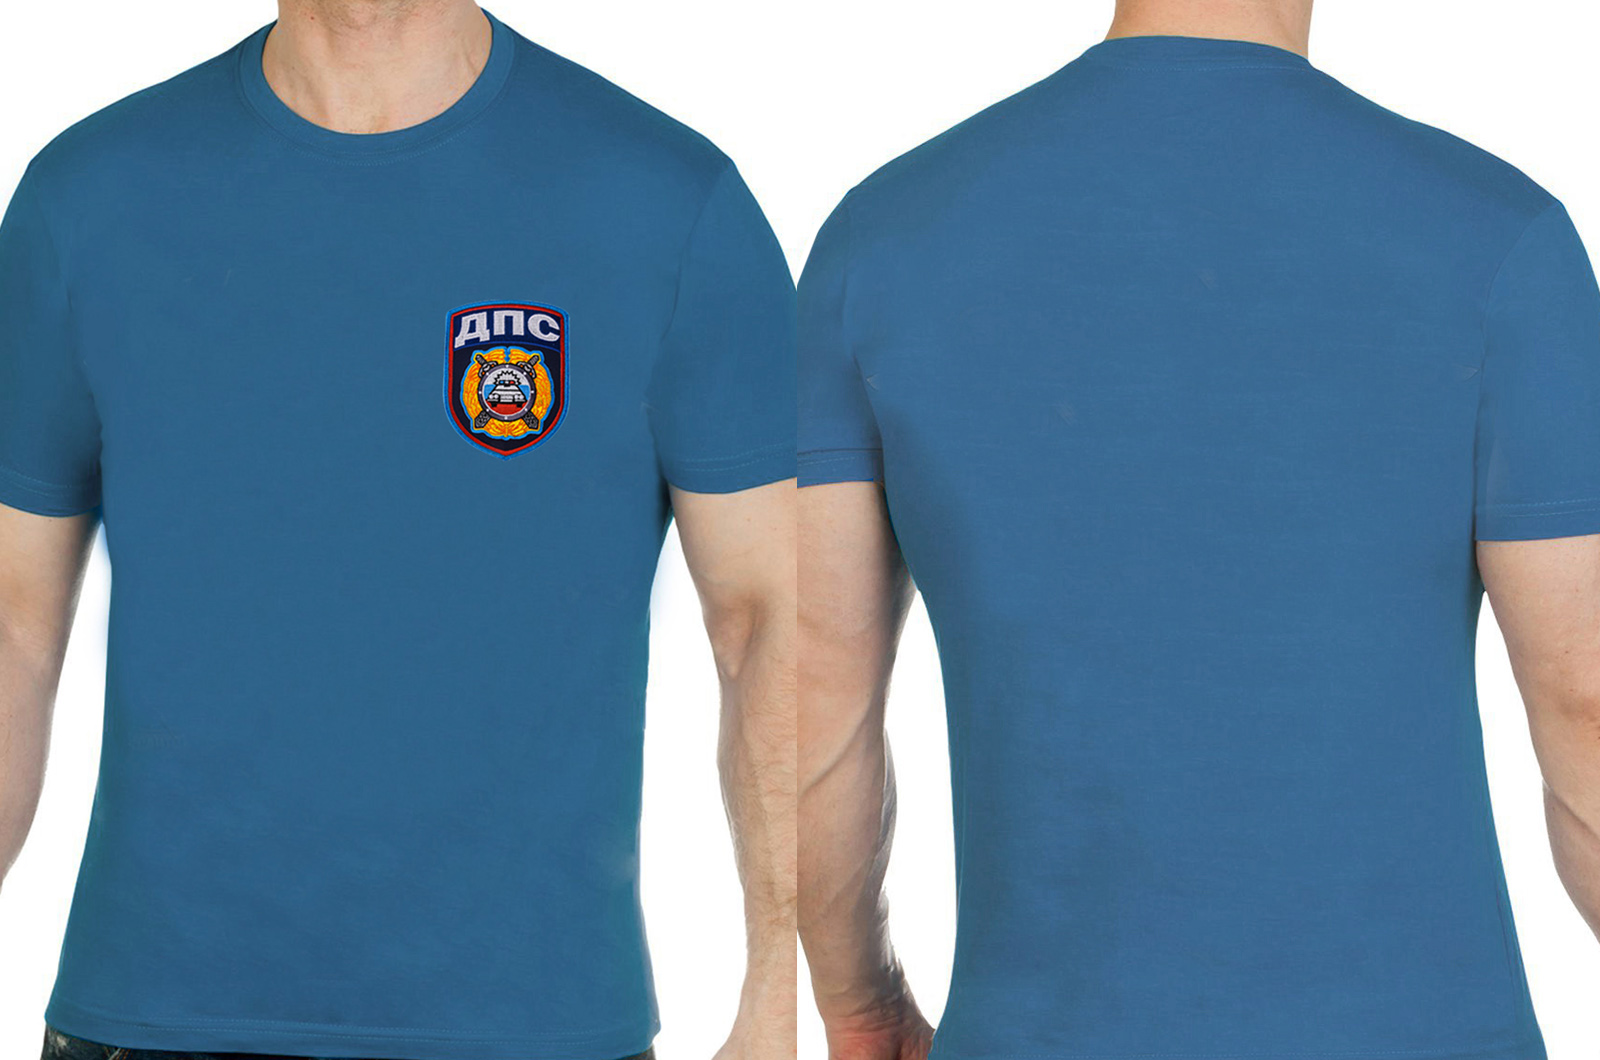 Практичная мужская футболка с вышивкой ДПС - купить онлайн